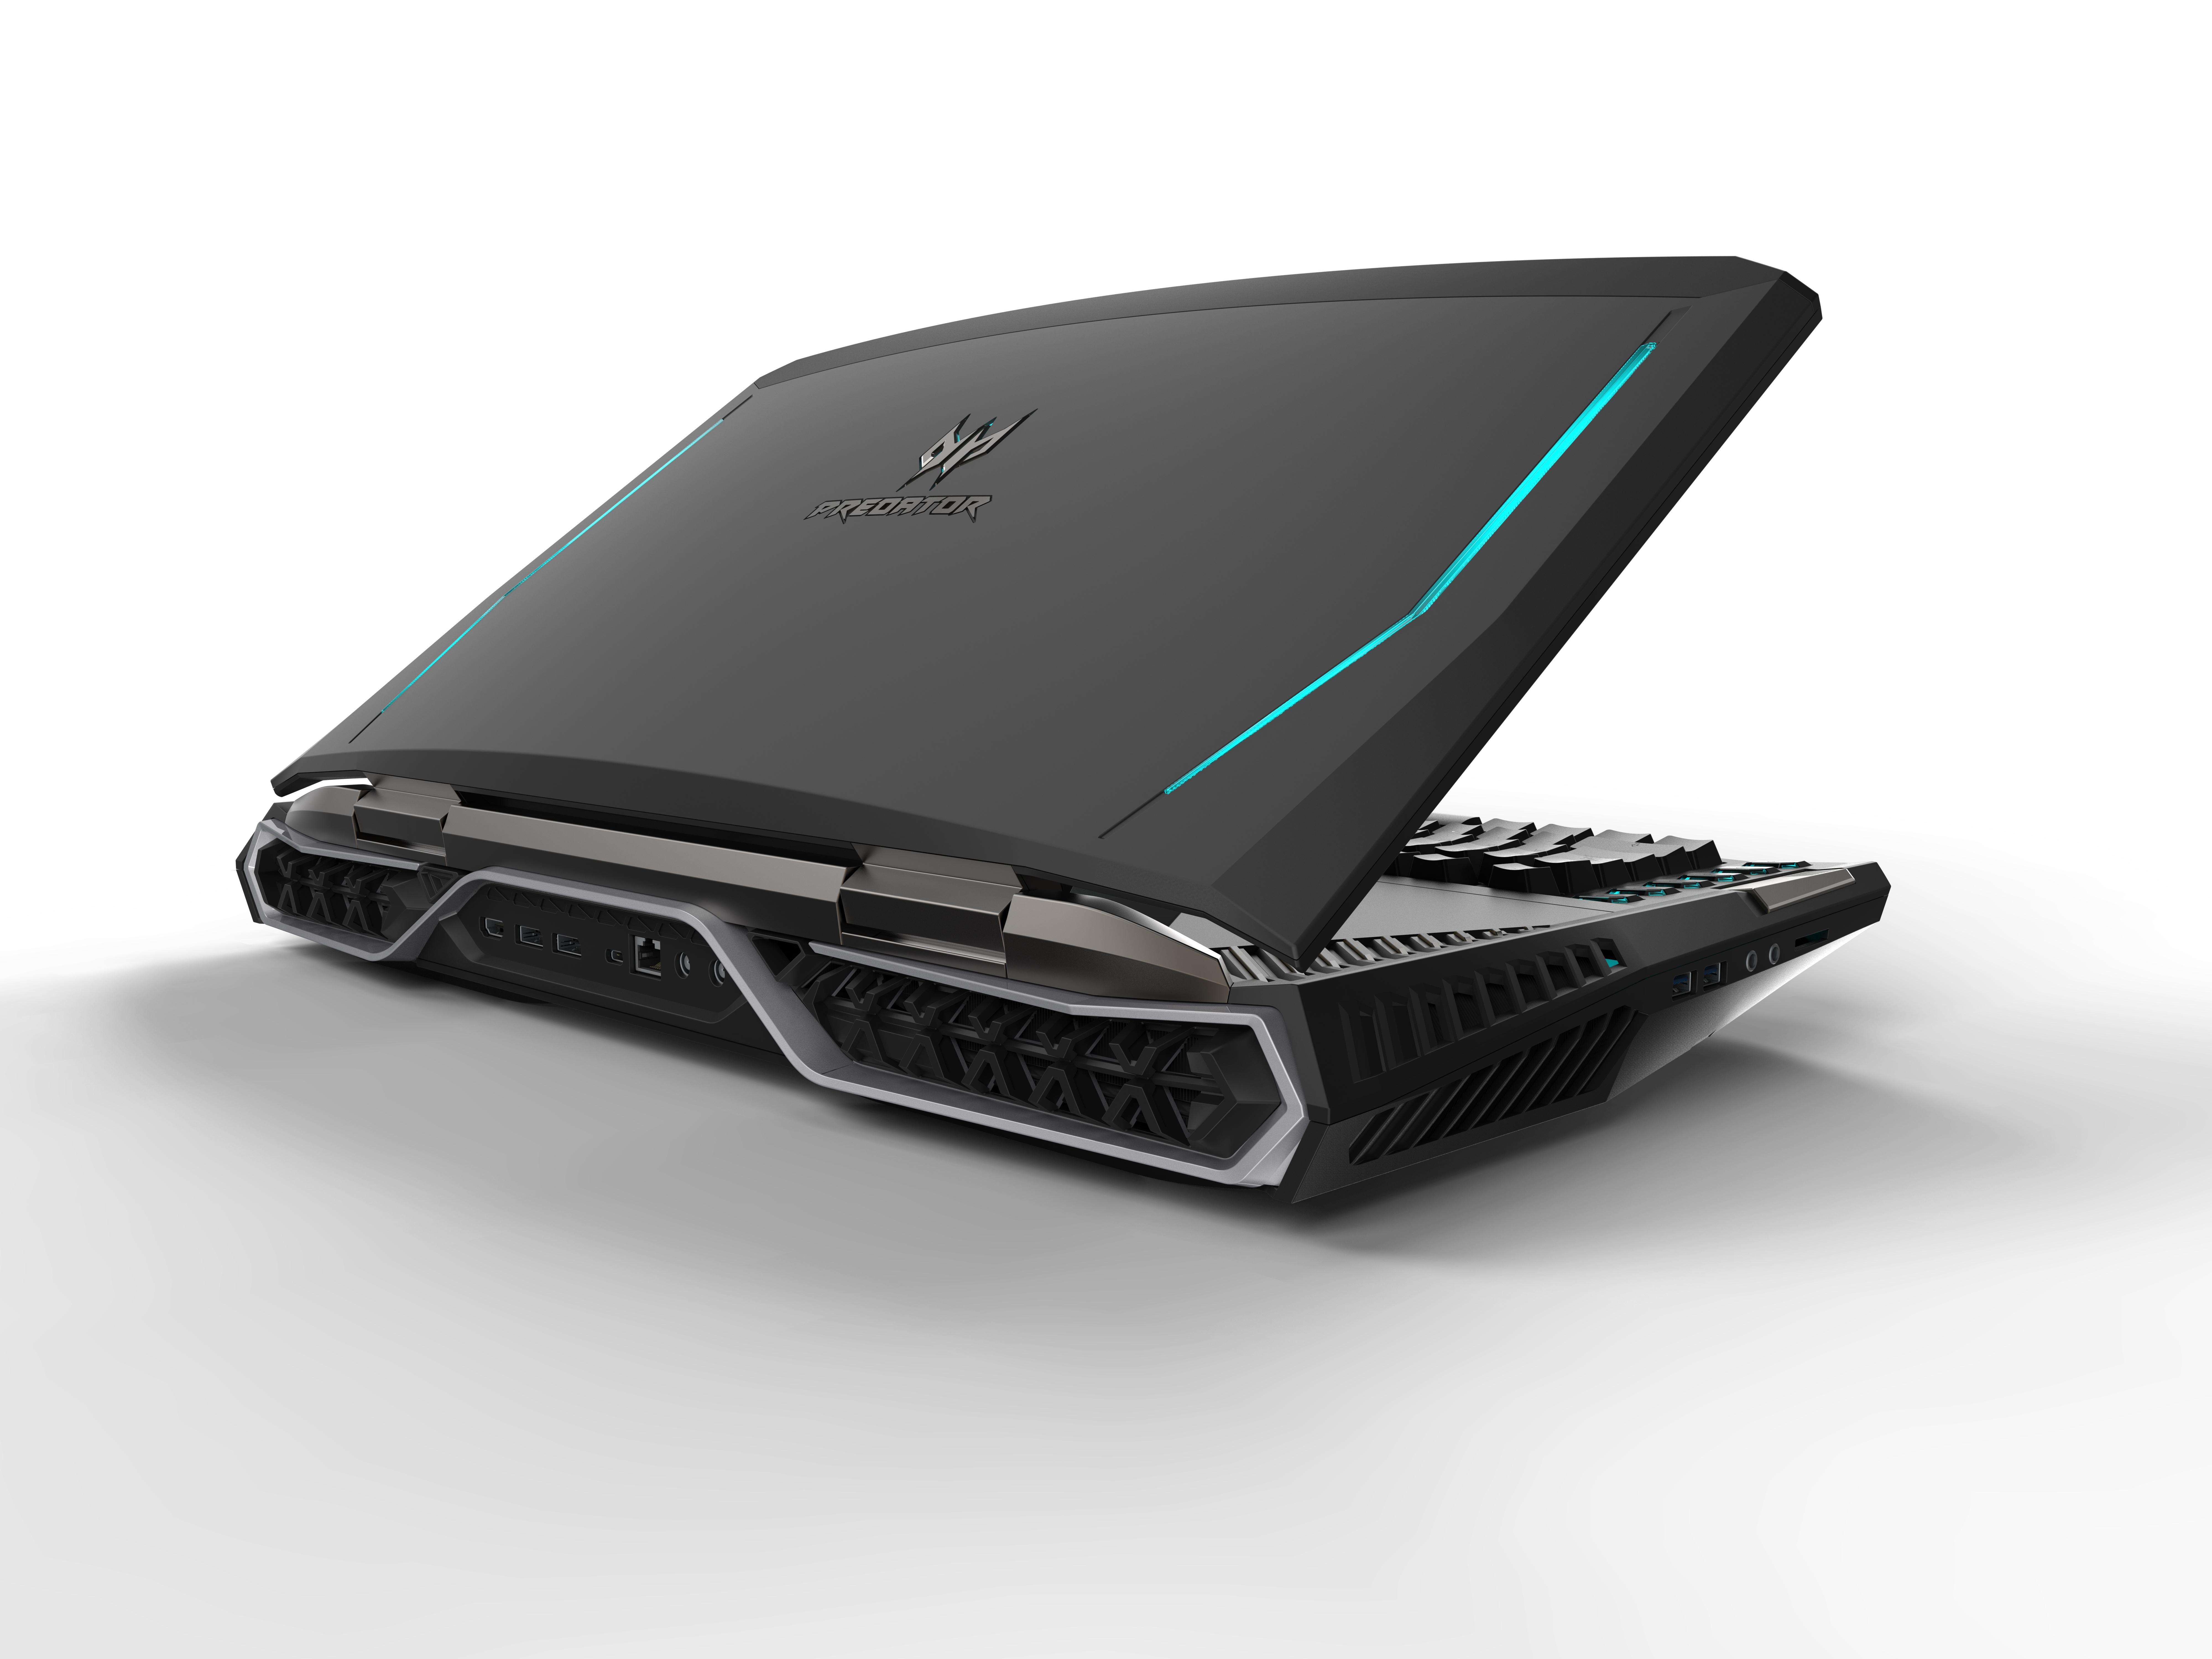 Acer показала чудовищный ноутбук с 2-мя GTX 1080